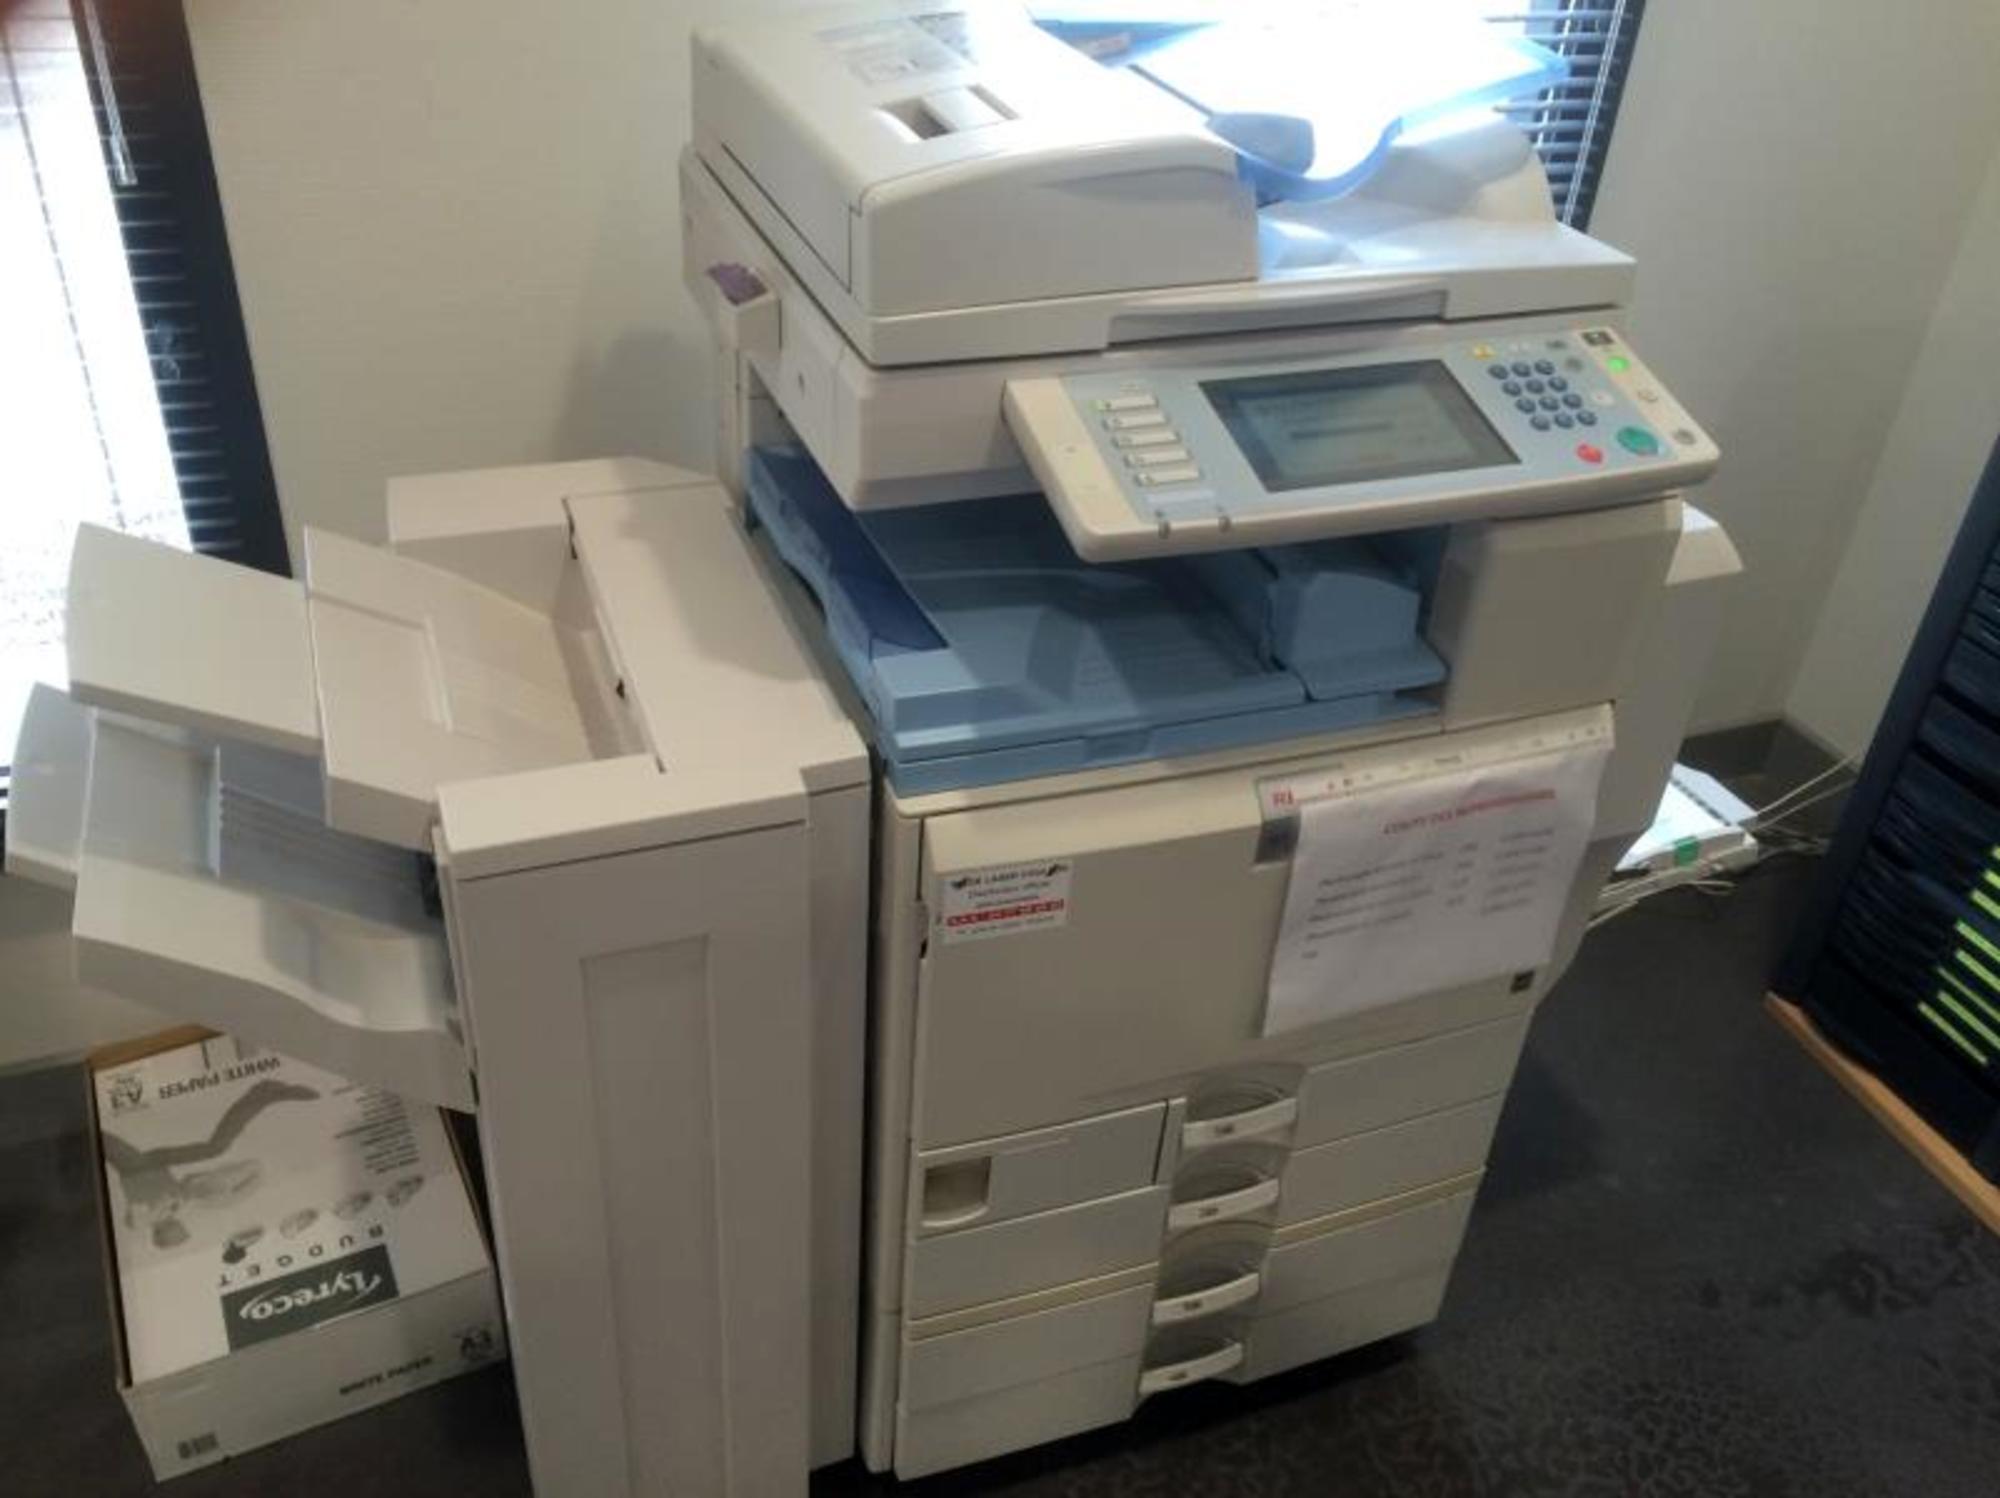 photocopieur couleur imprimante fax scanner copieur. Black Bedroom Furniture Sets. Home Design Ideas